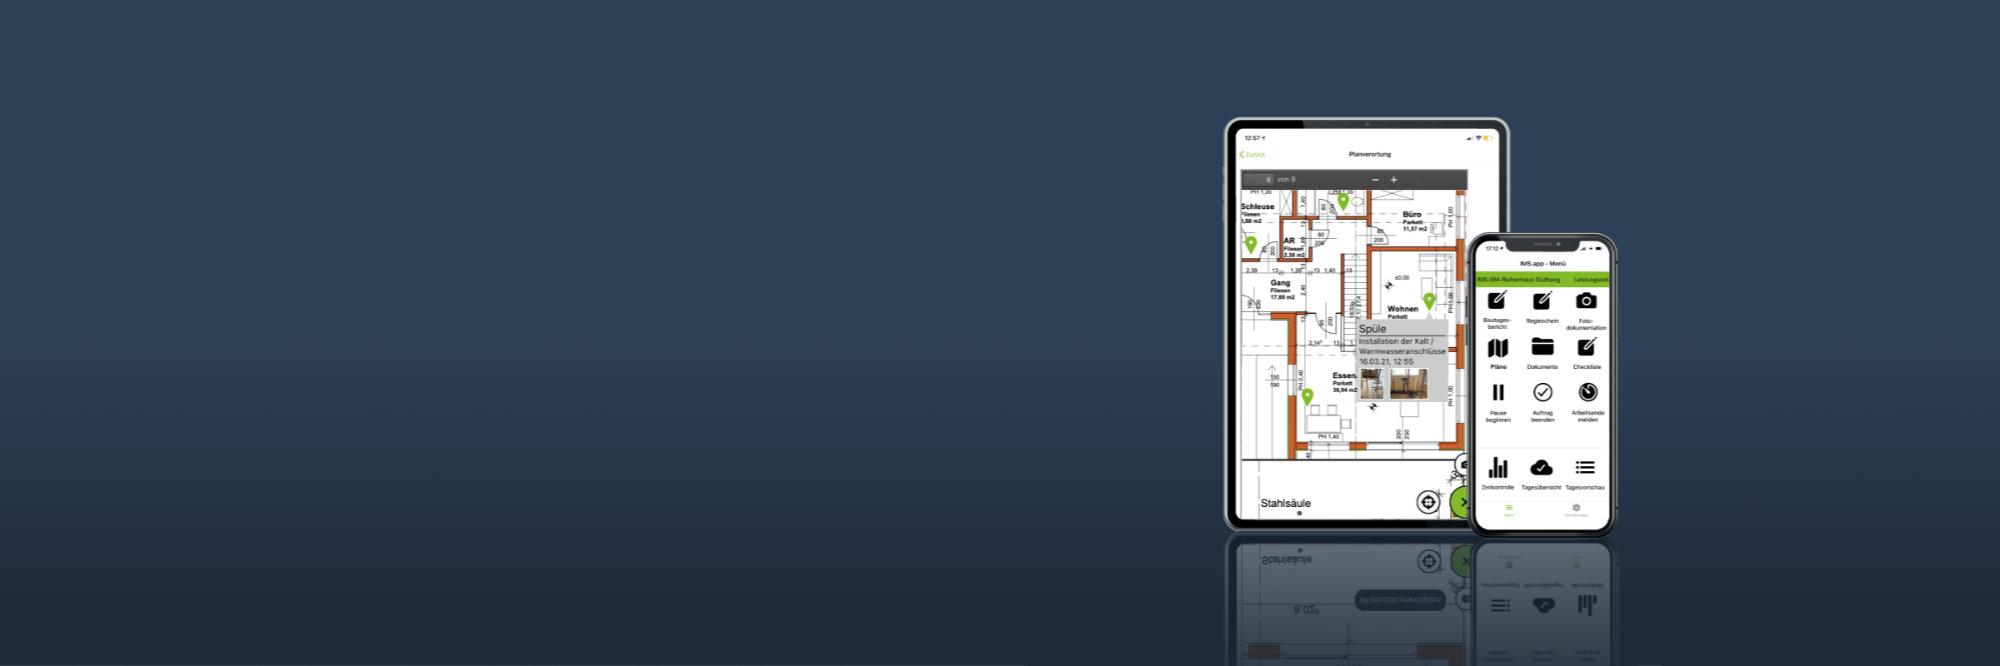 IMS.app auf Smartphone und Tablet